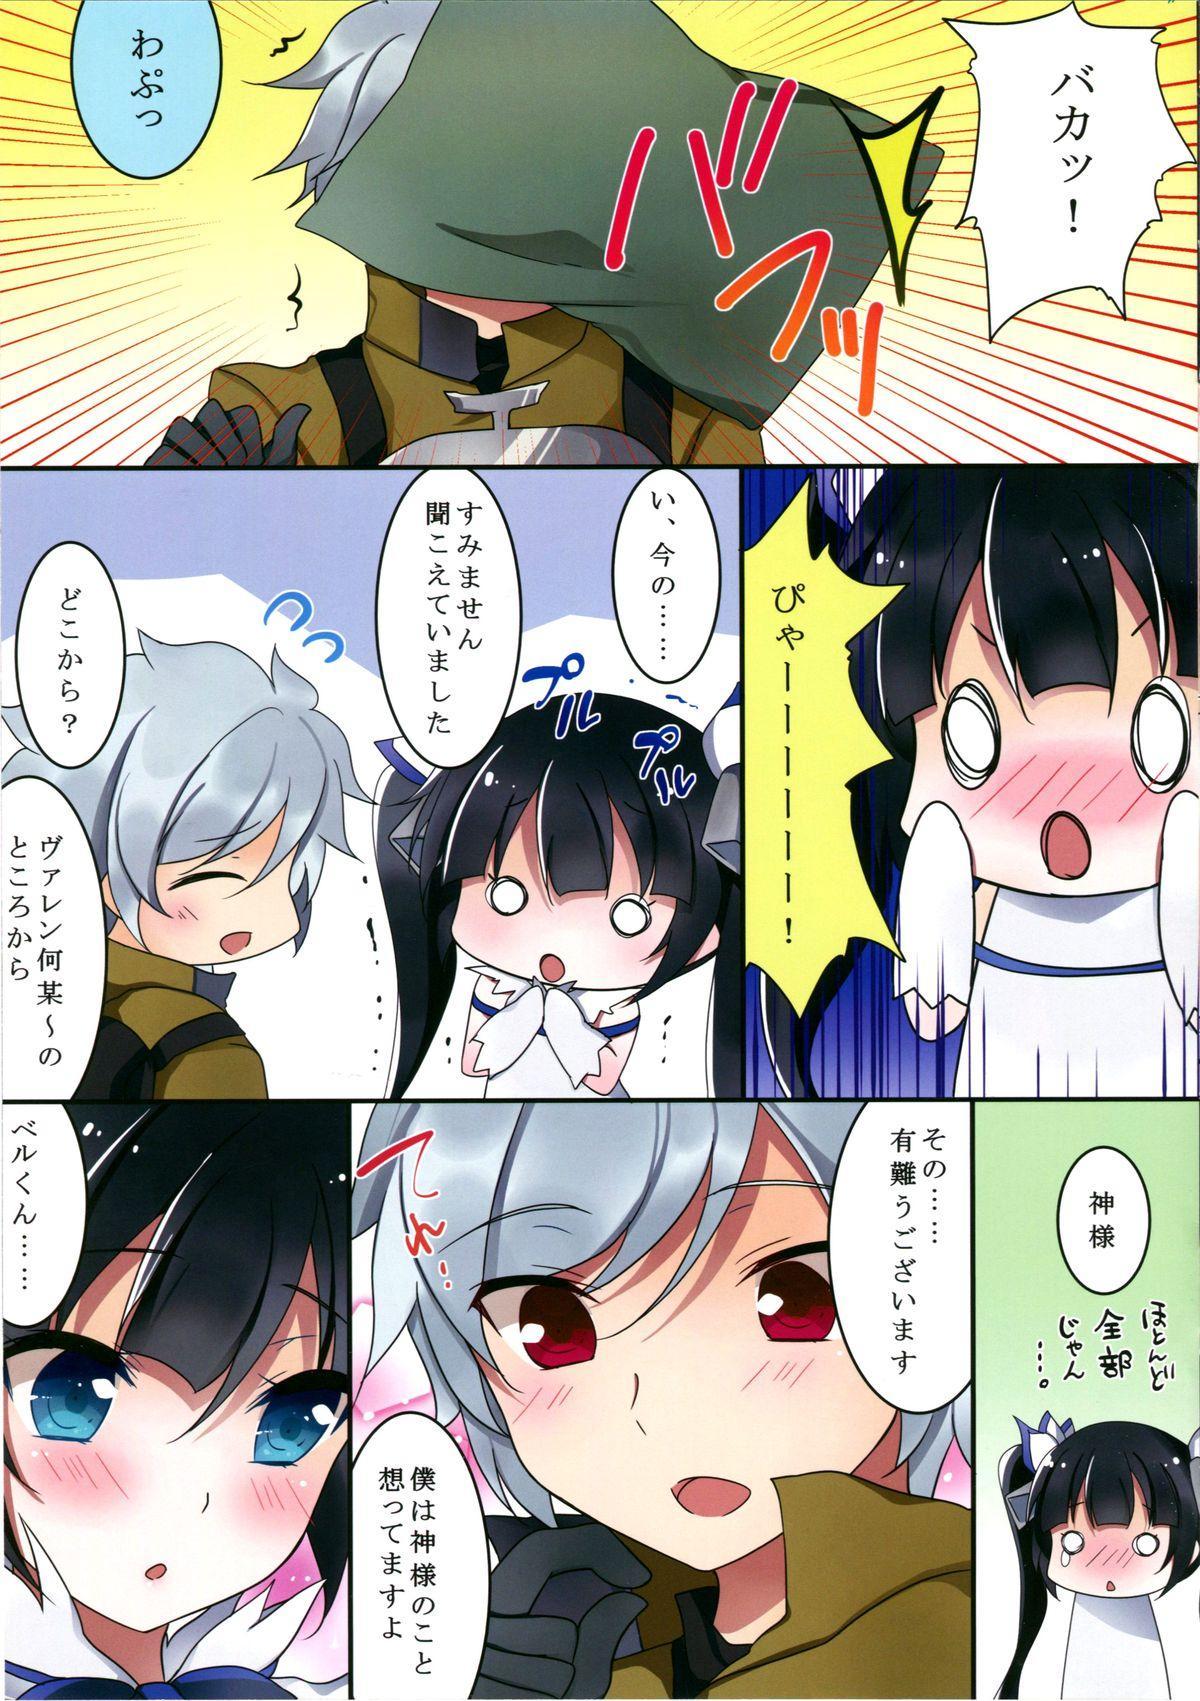 Hestia-sama to wa Hajimete no 4